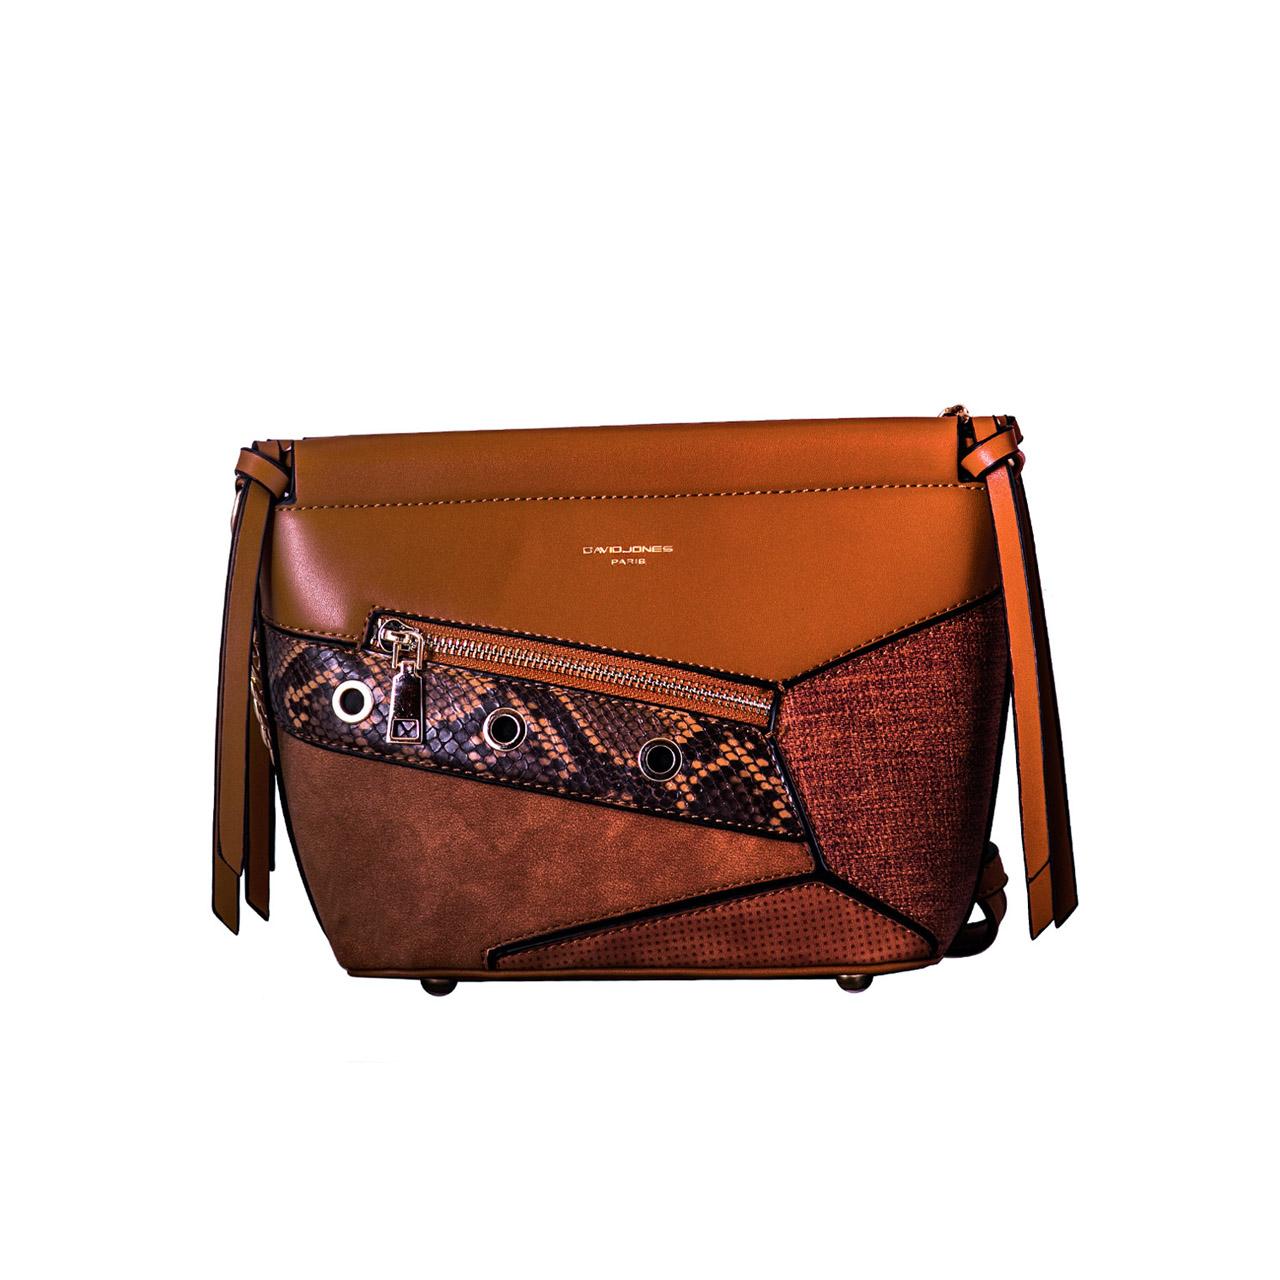 کیف رو دوشی زنانه دیوید جونز مدل 6178-1